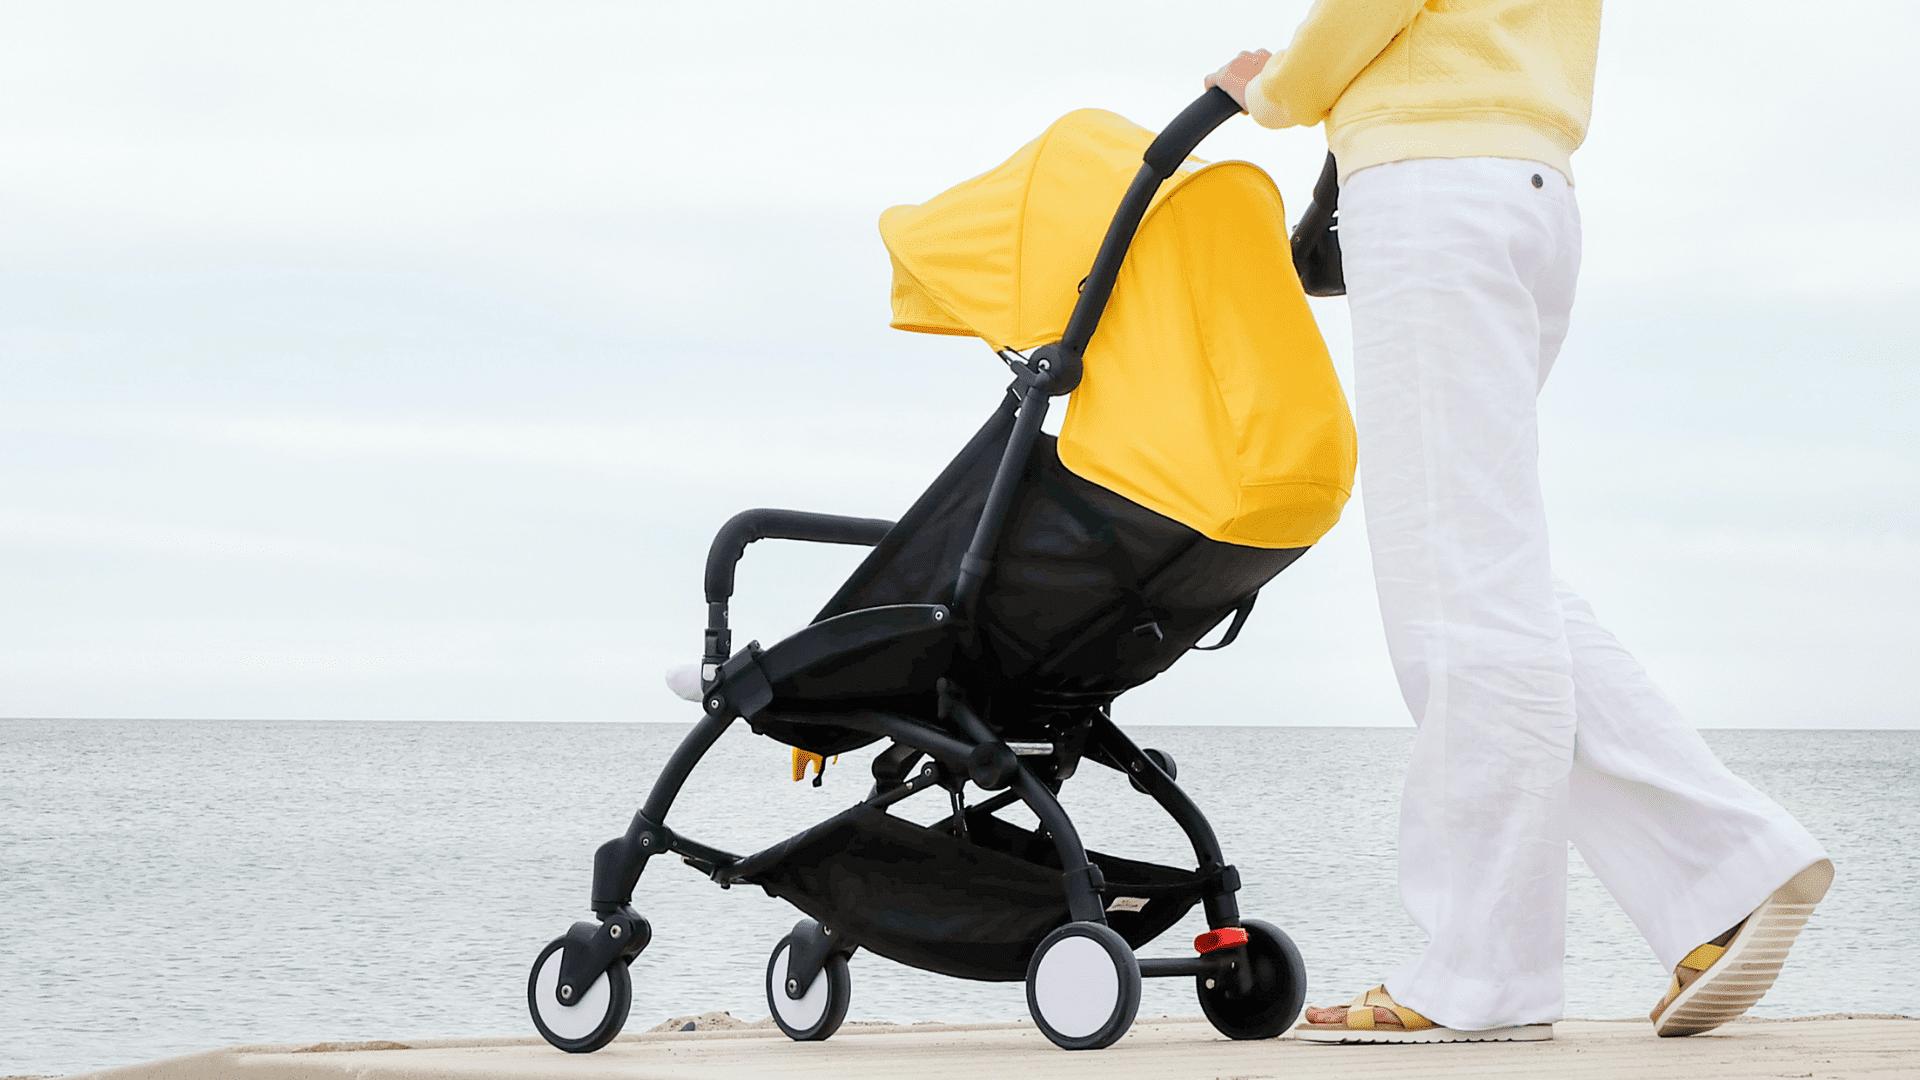 Veja a nossa seleção dos melhores carrinhos de bebê com capota de 2021! (Imagem: Reprodução/Shutterstock)